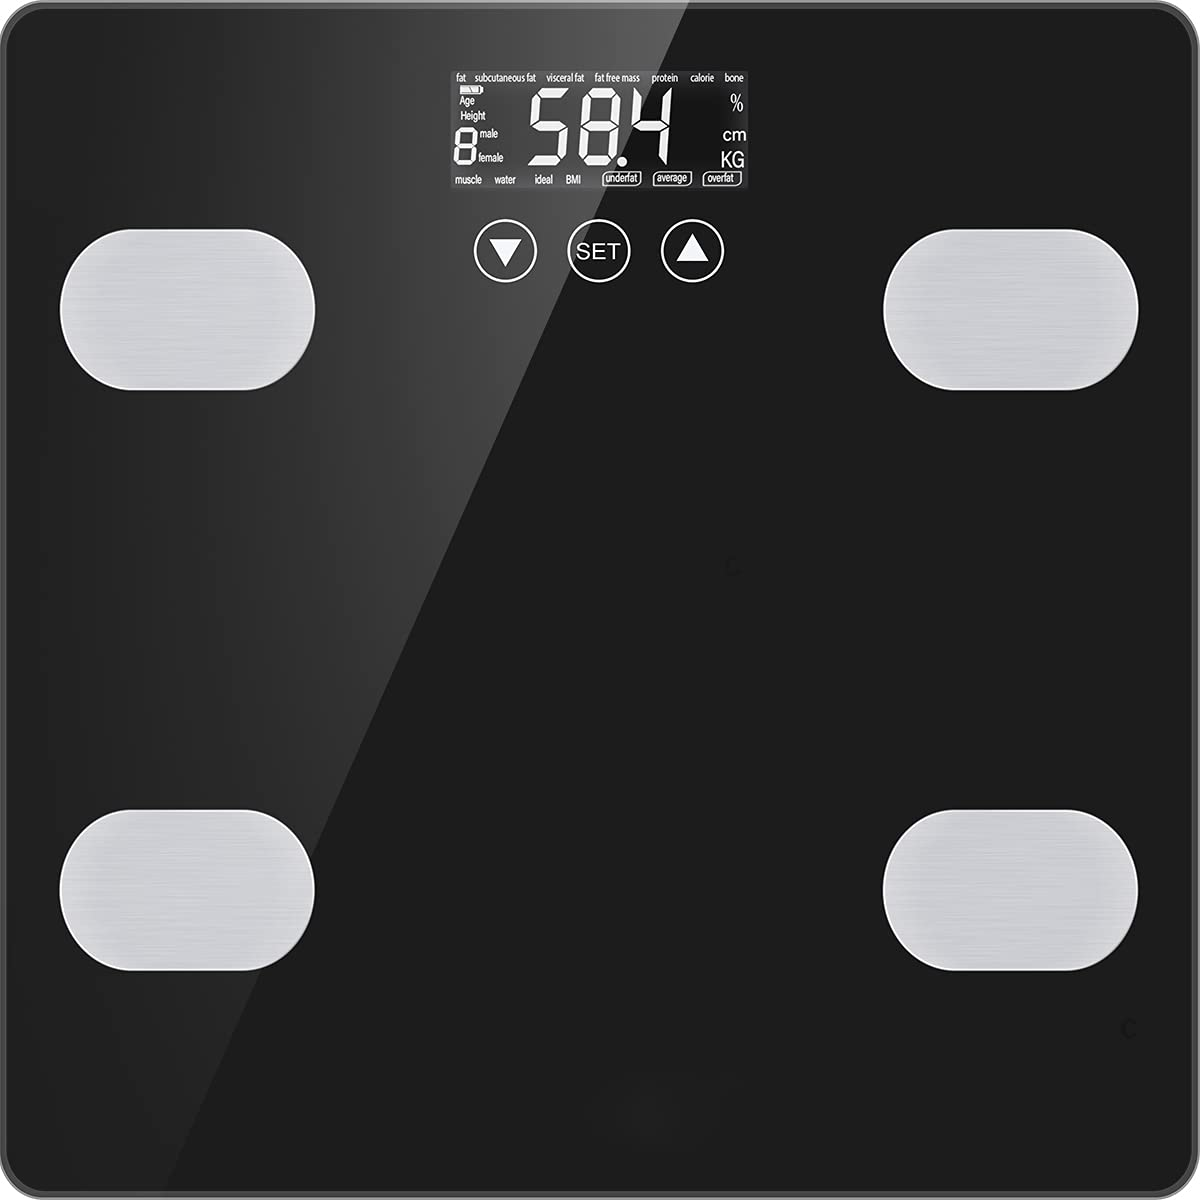 Bascula de Baño Bascula Grasa Corporal y Muscular Bascula Digital de Casa para Peso Óseo IMC Masa Muscular Agua Calorías Proteínas